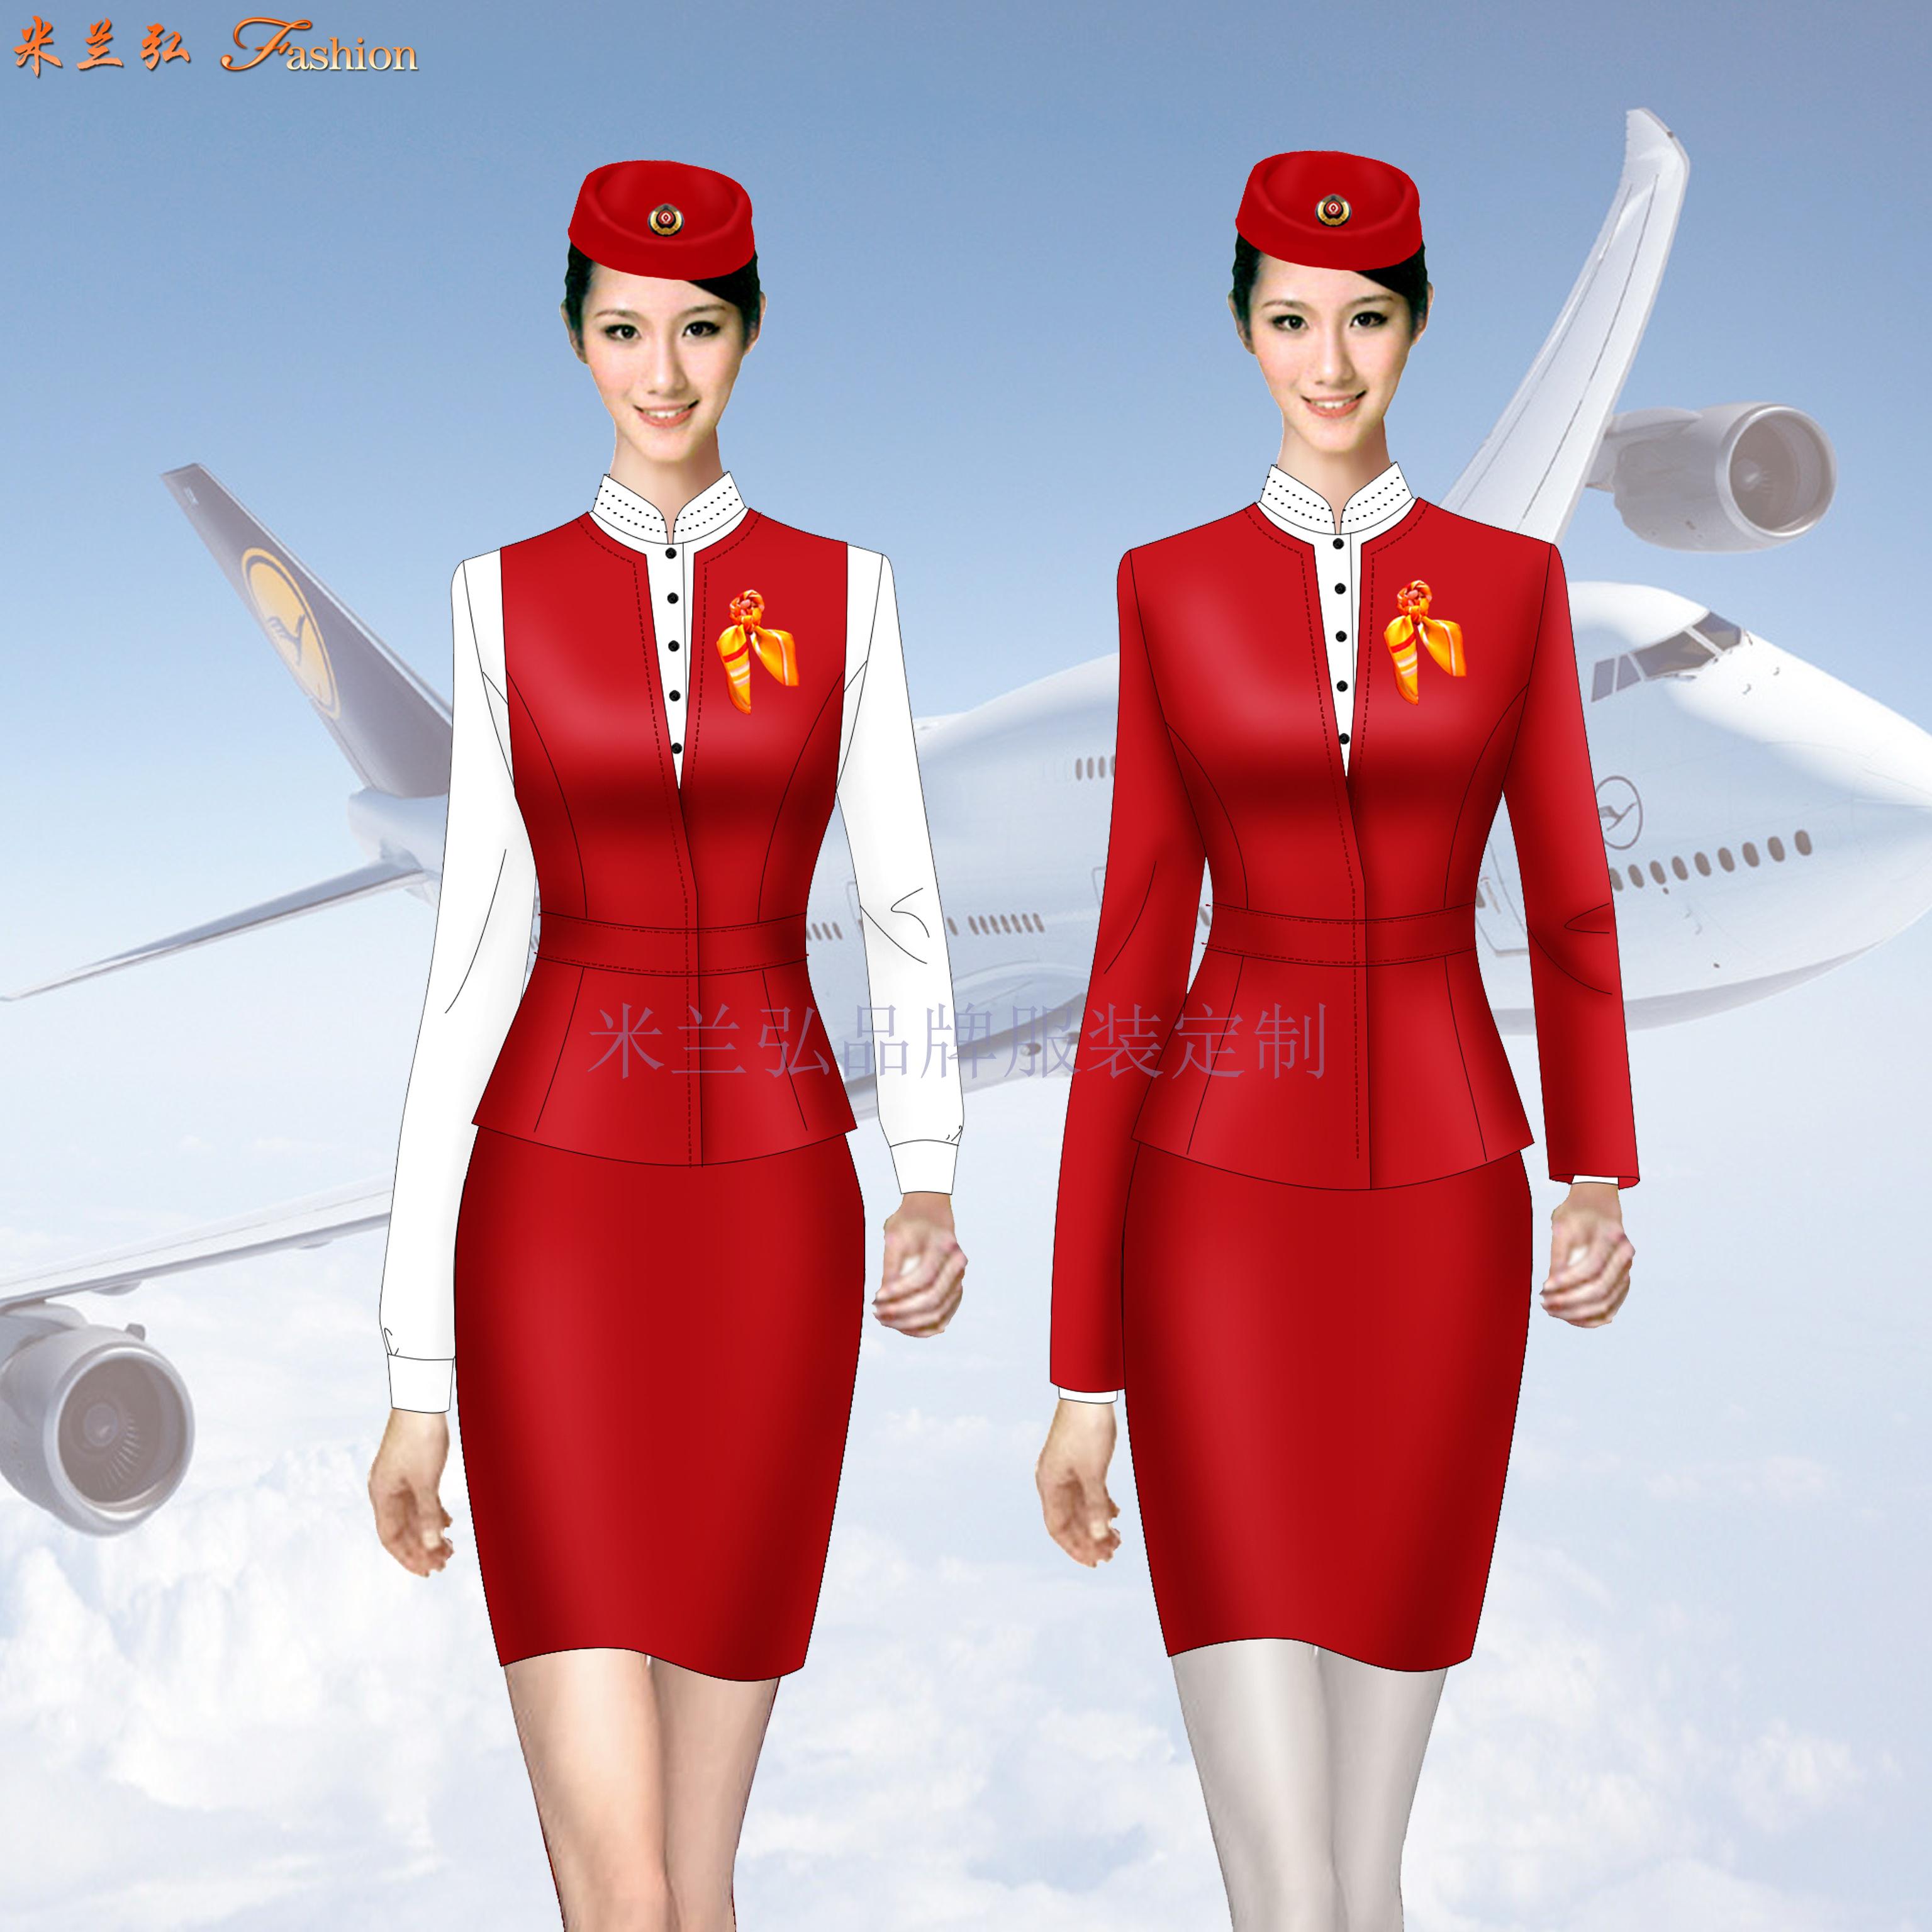 京津冀高鐵動車乘務制服定做-選擇款式時髦的服裝品牌-米蘭弘-2